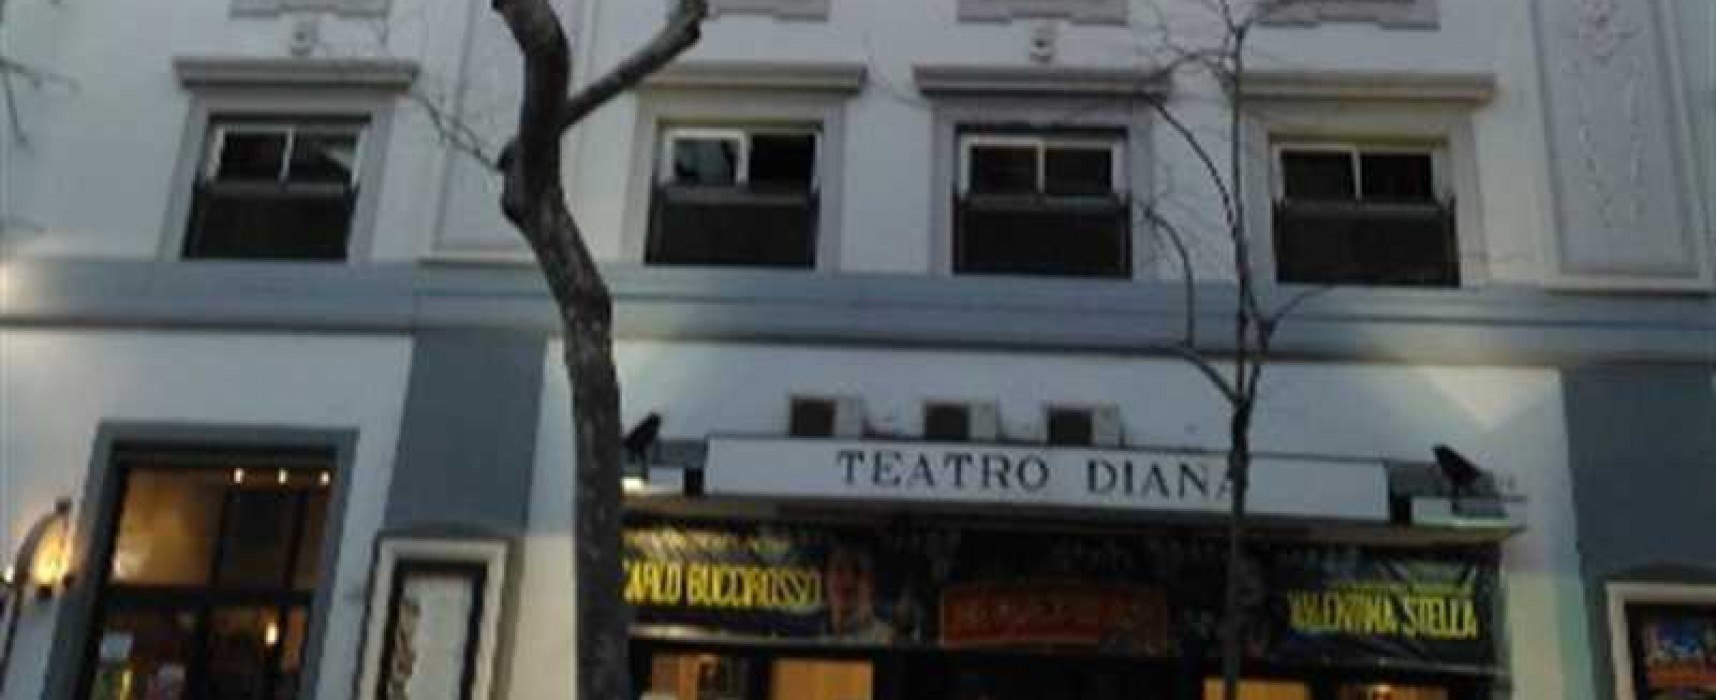 Teatro Diana, Veronica Pivetti presenta il suo ultimo libro